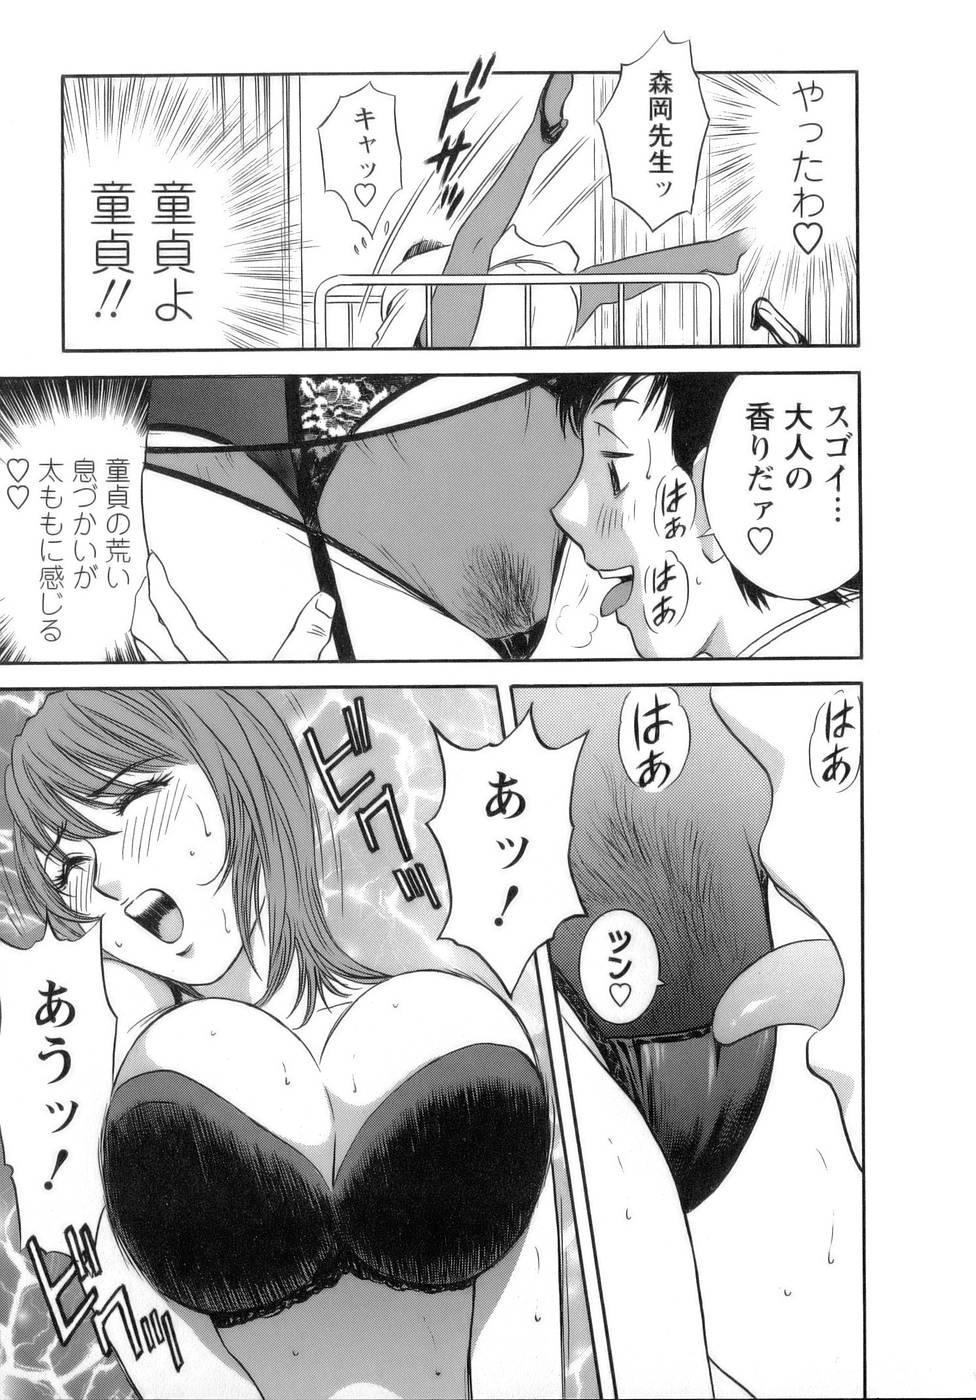 [Hidemaru] Mo-Retsu! Boin Sensei (Boing Boing Teacher) Vol.1 64